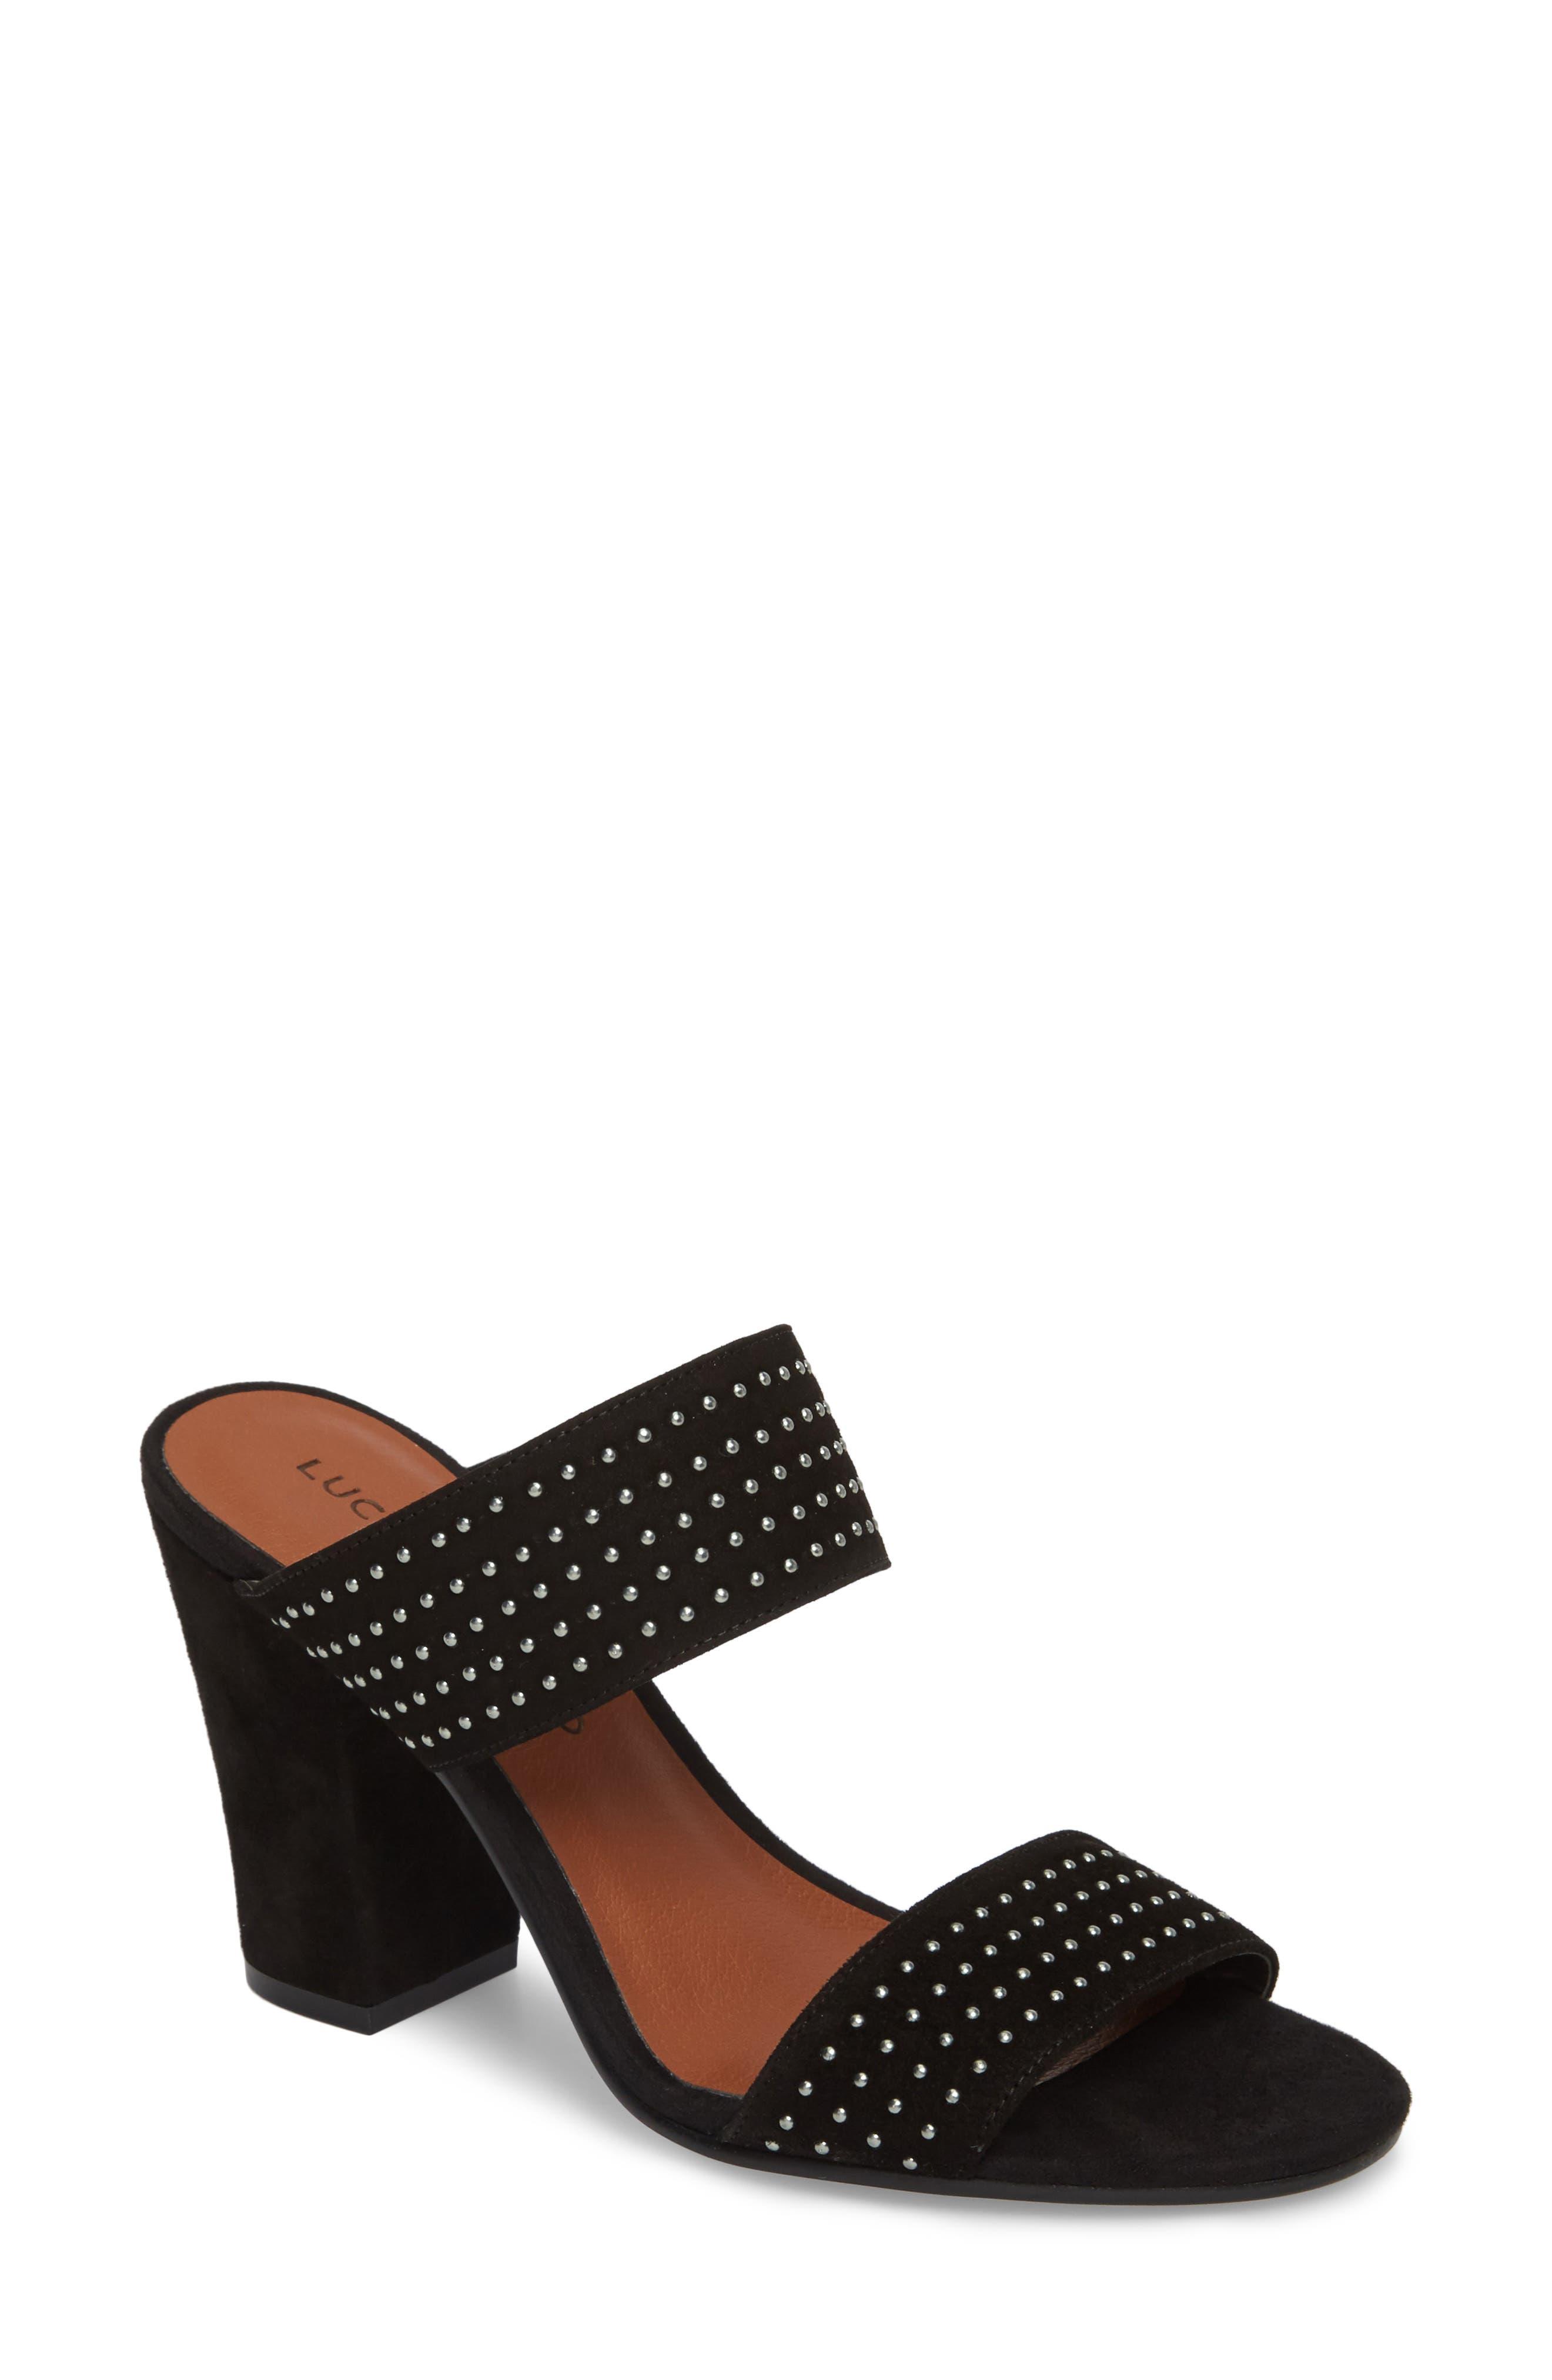 Mkennah Slide Sandal,                         Main,                         color, 001